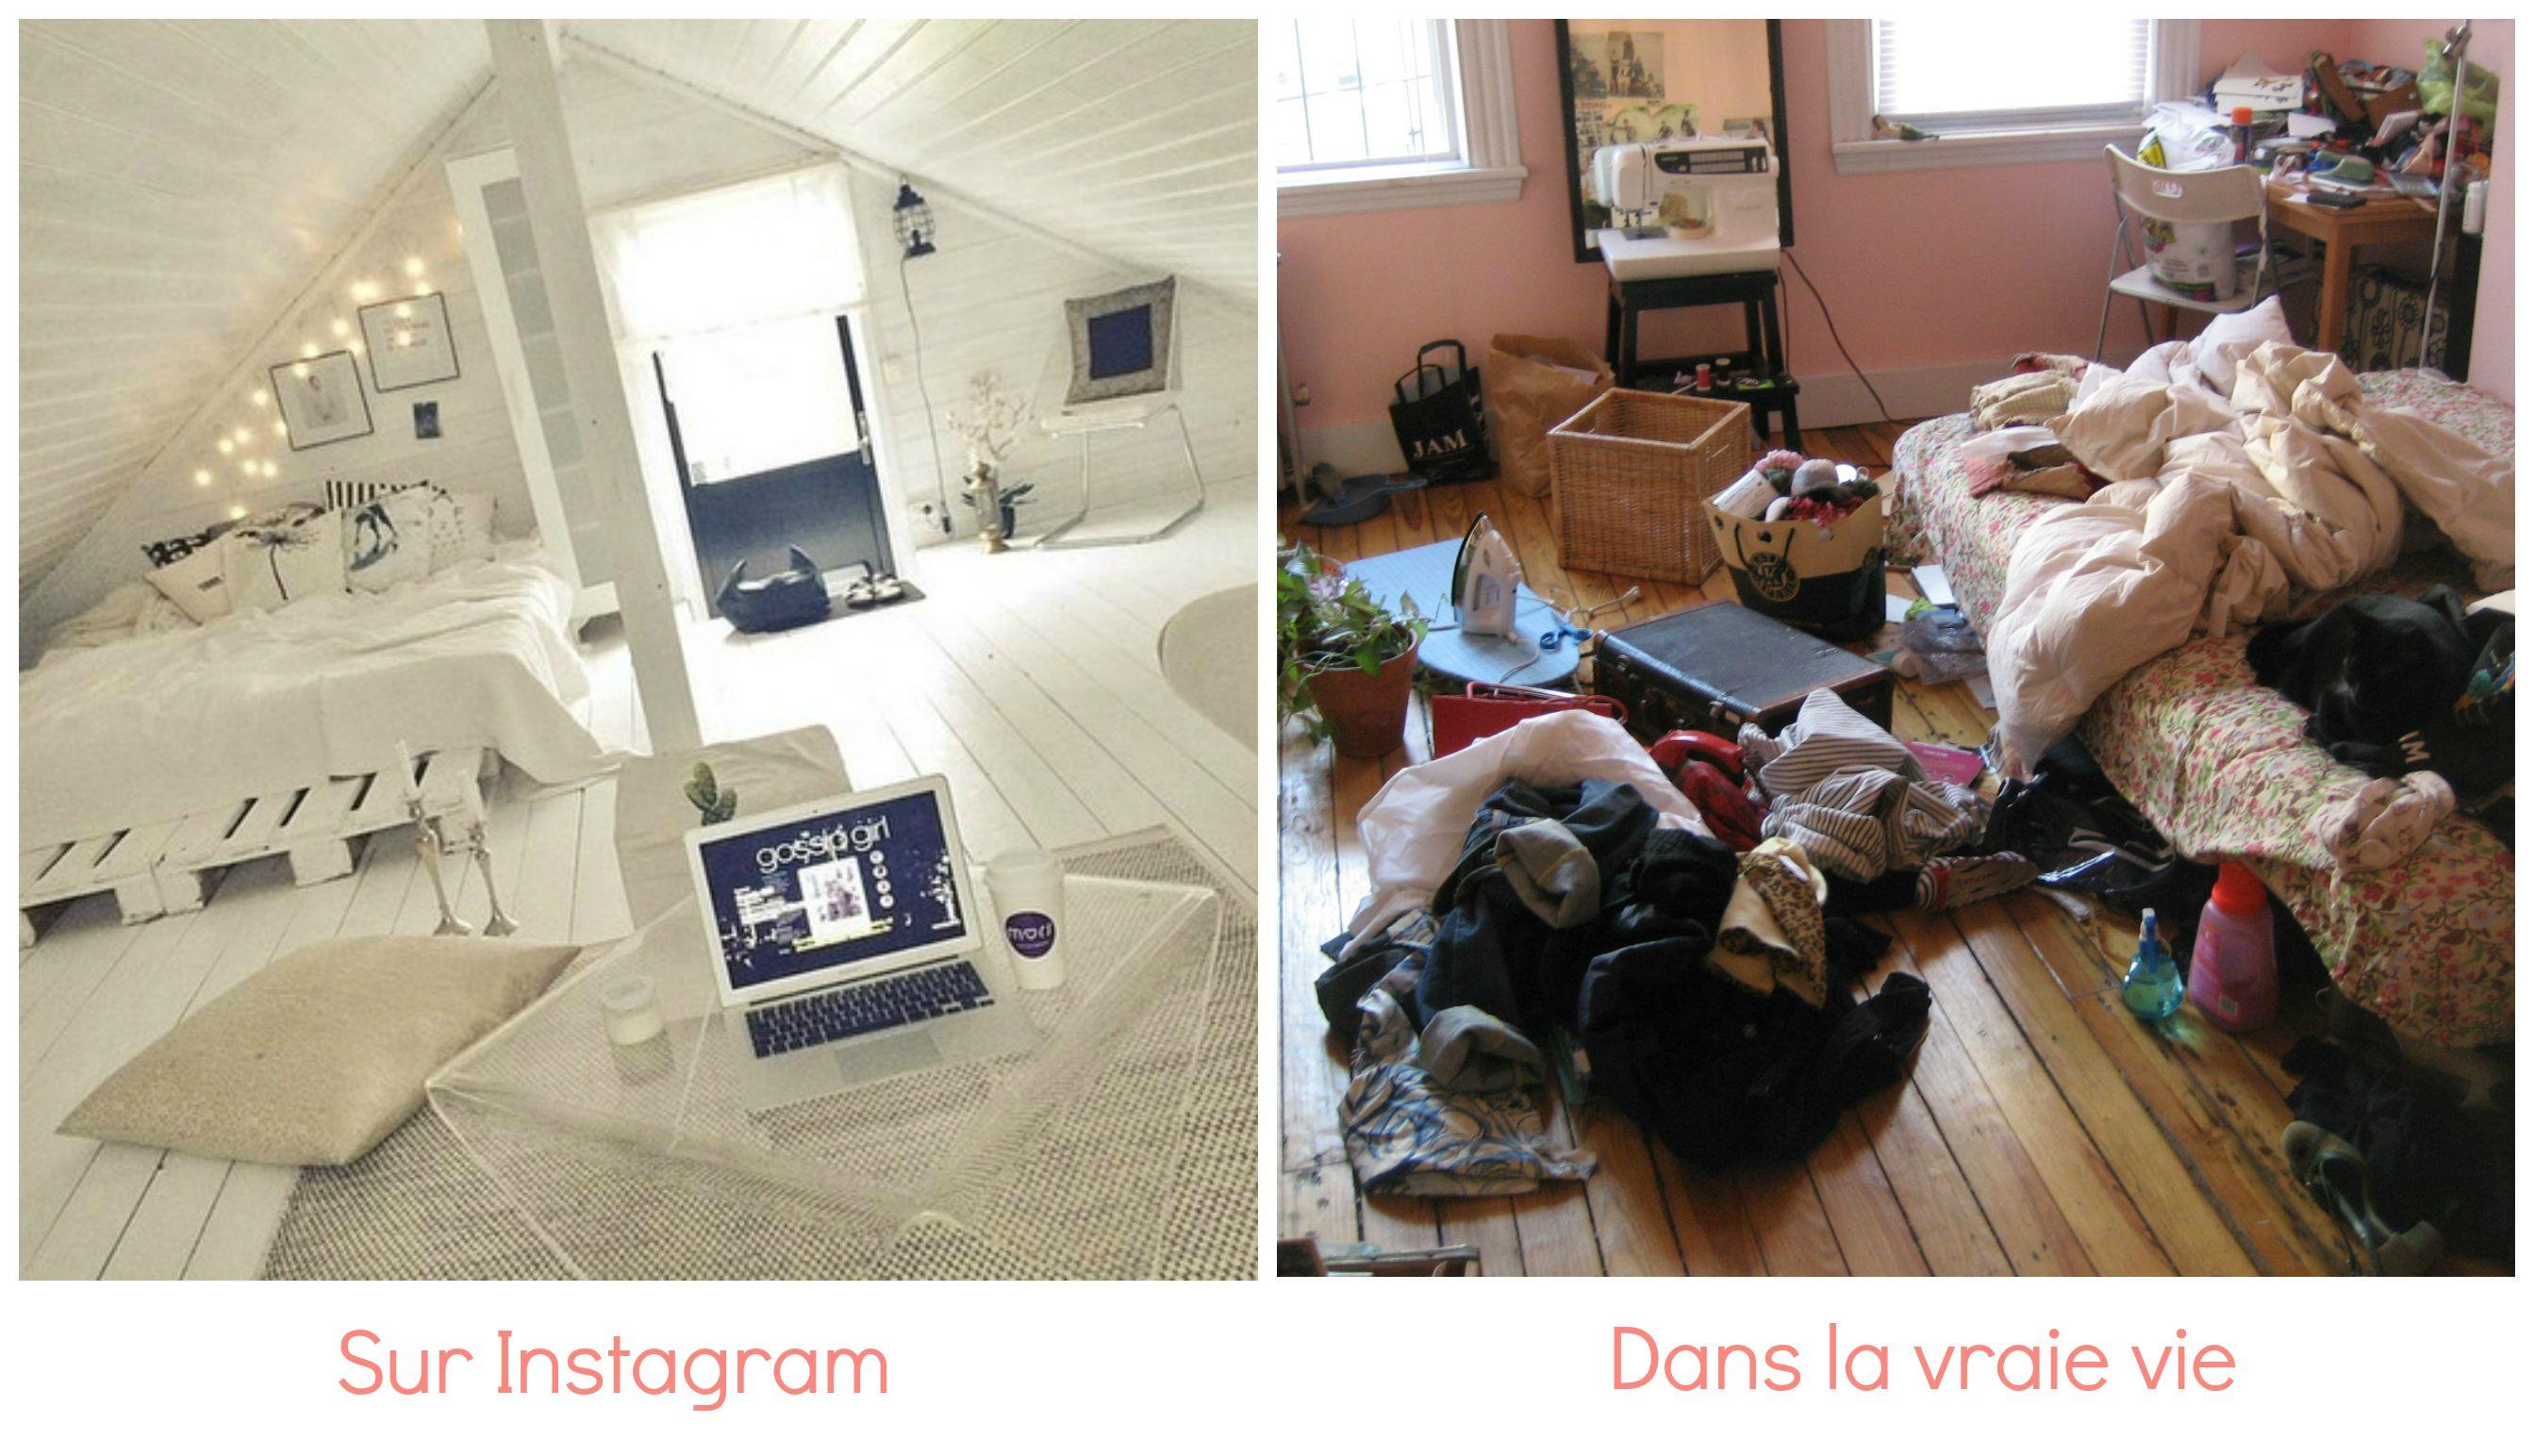 une journ e sur instagram vs une journ e dans la vraie vie